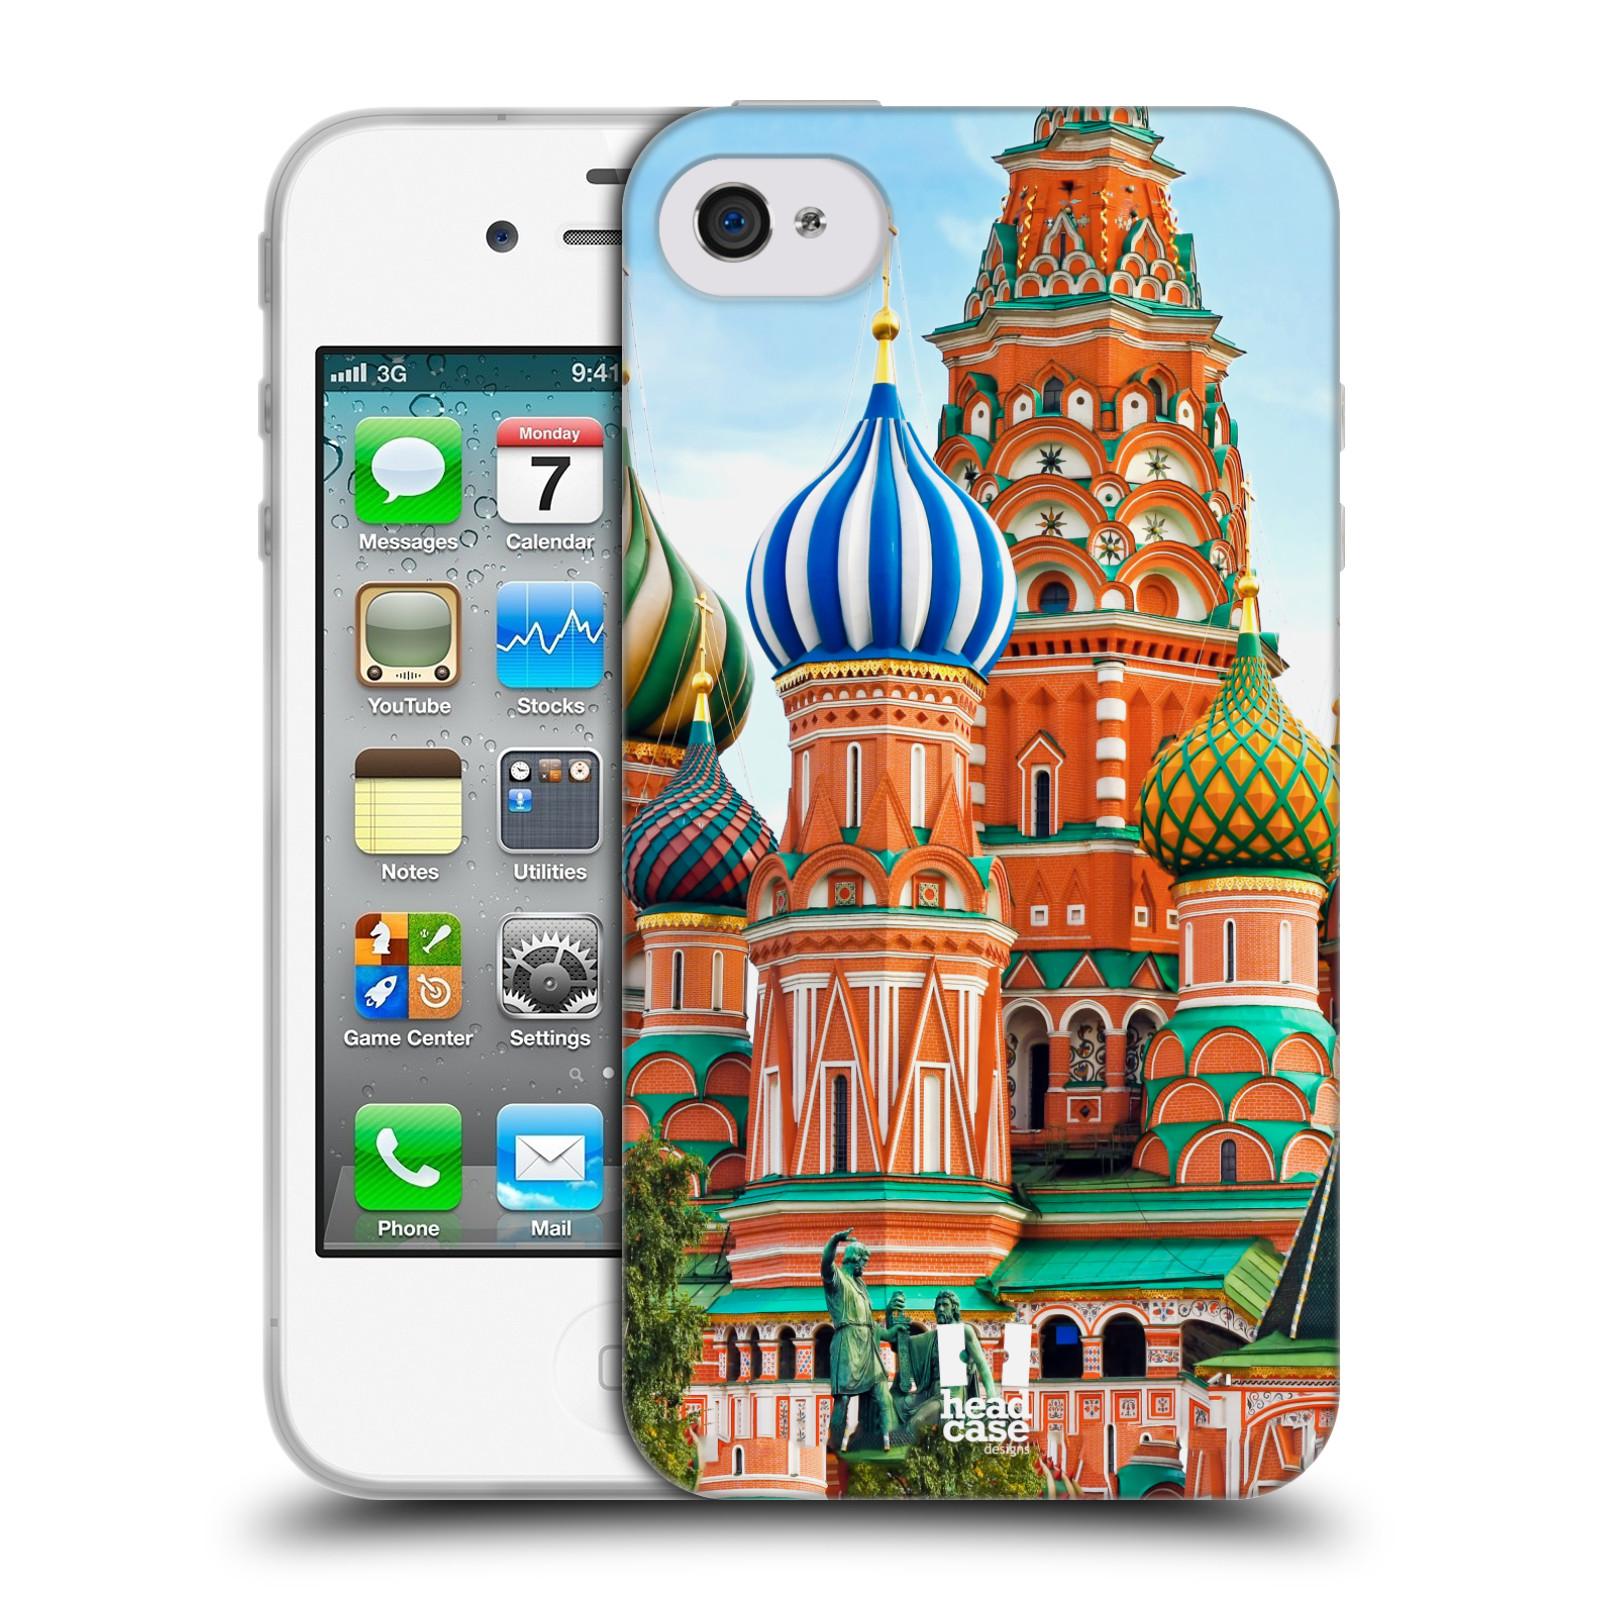 HEAD CASE silikonový obal na mobil Apple Iphone 4/4S vzor Města foto náměstí RUSKO,MOSKVA, RUDÉ NÁMĚSTÍ